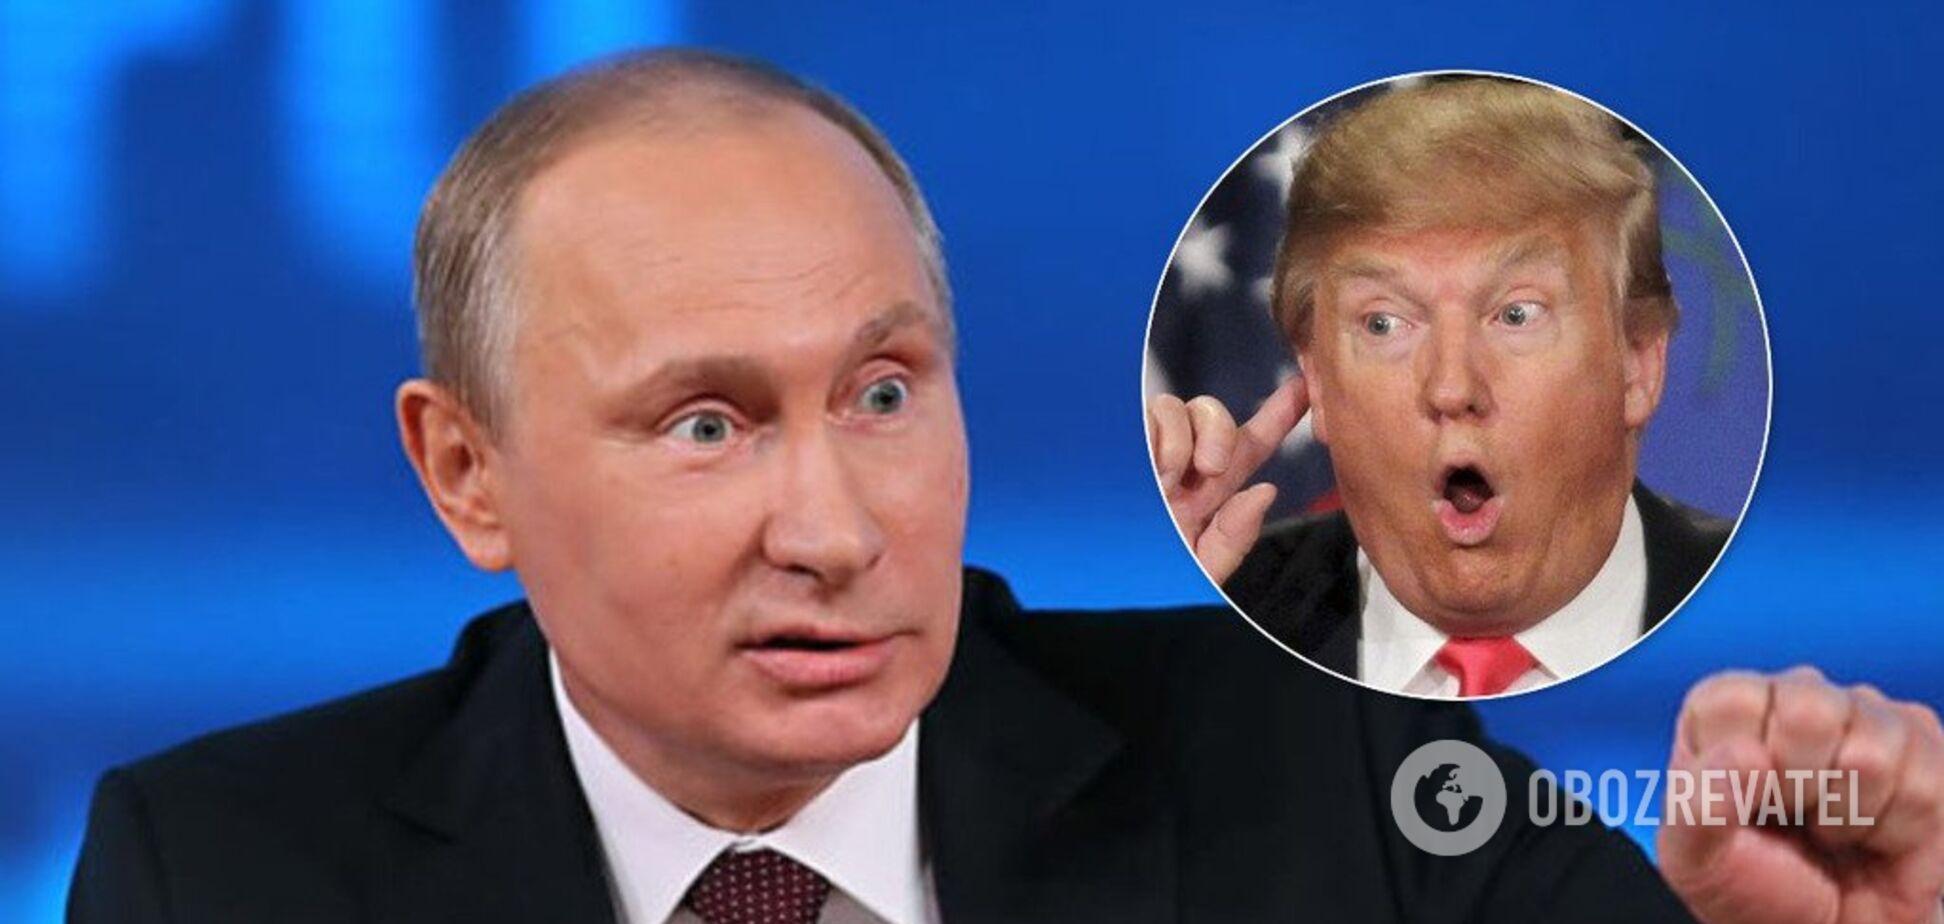 Путин попал под раздачу из-за конфуза Трампа